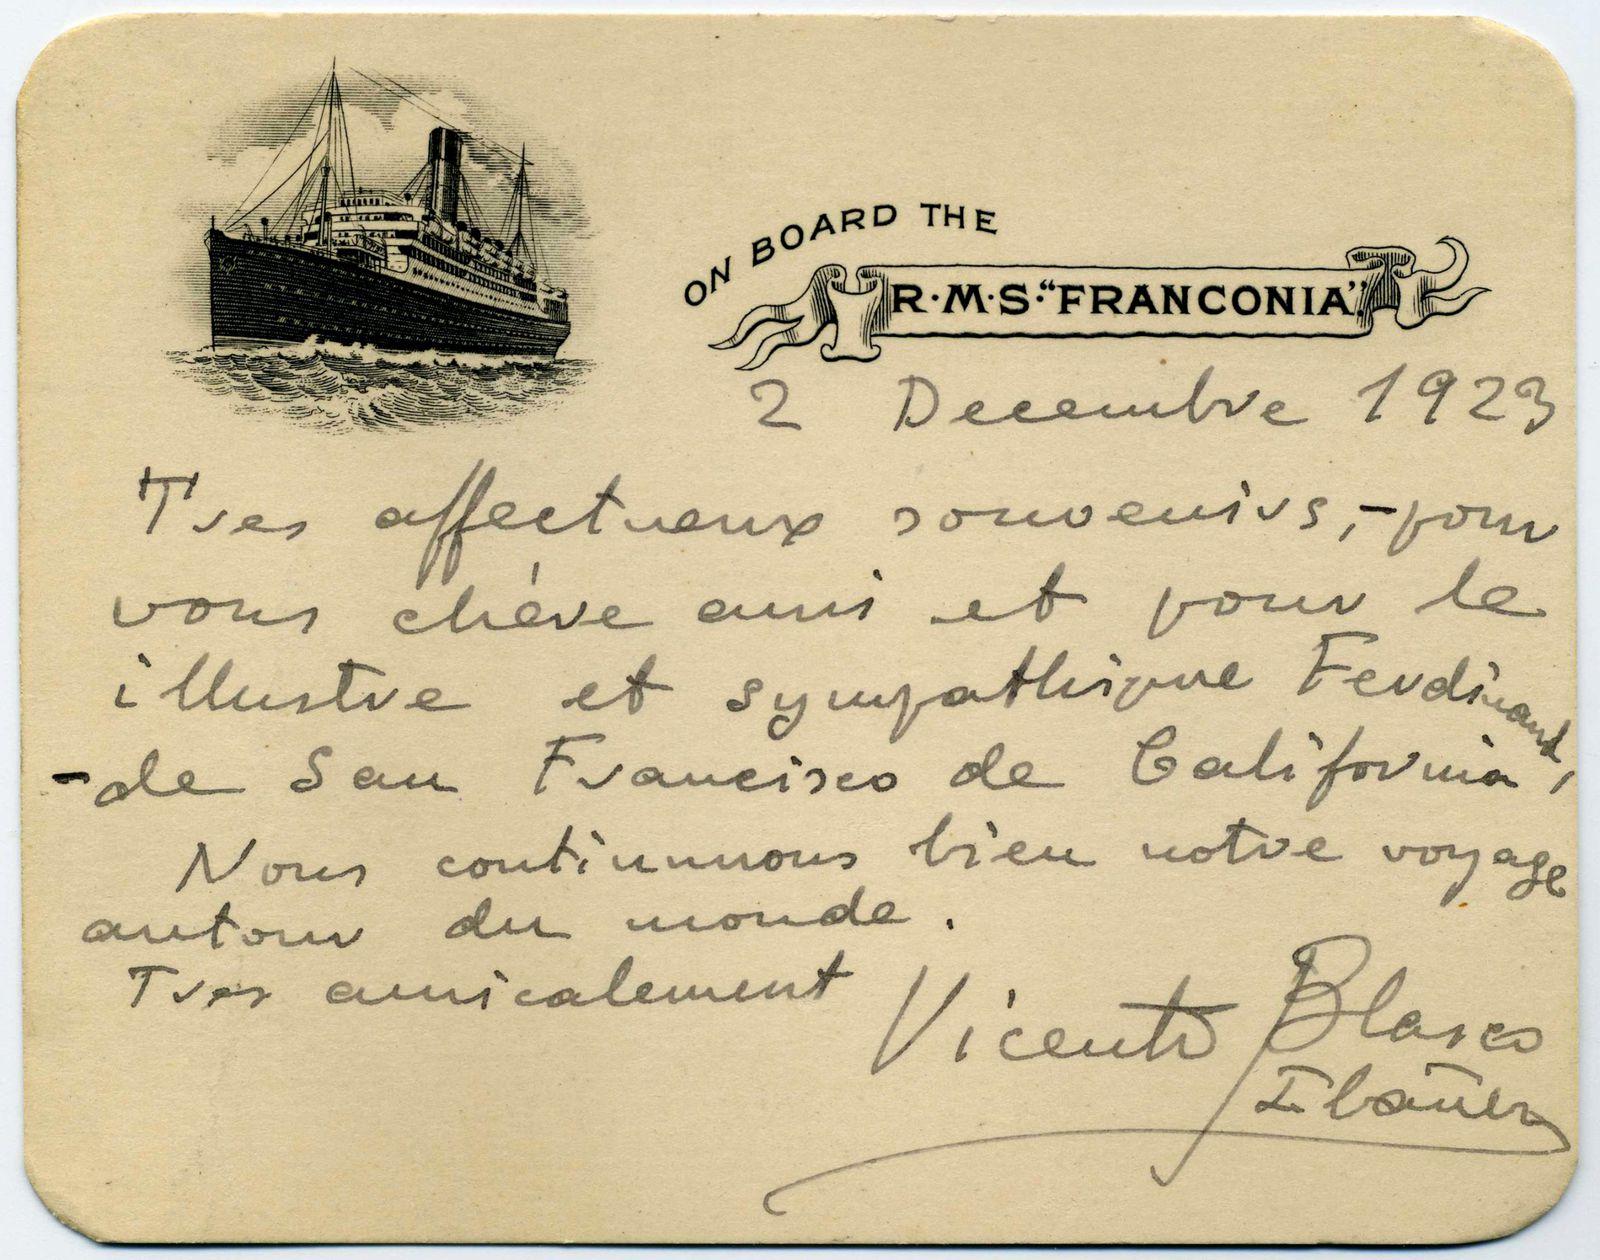 Vicente Blasco Ibañez et le paquebot Franconia